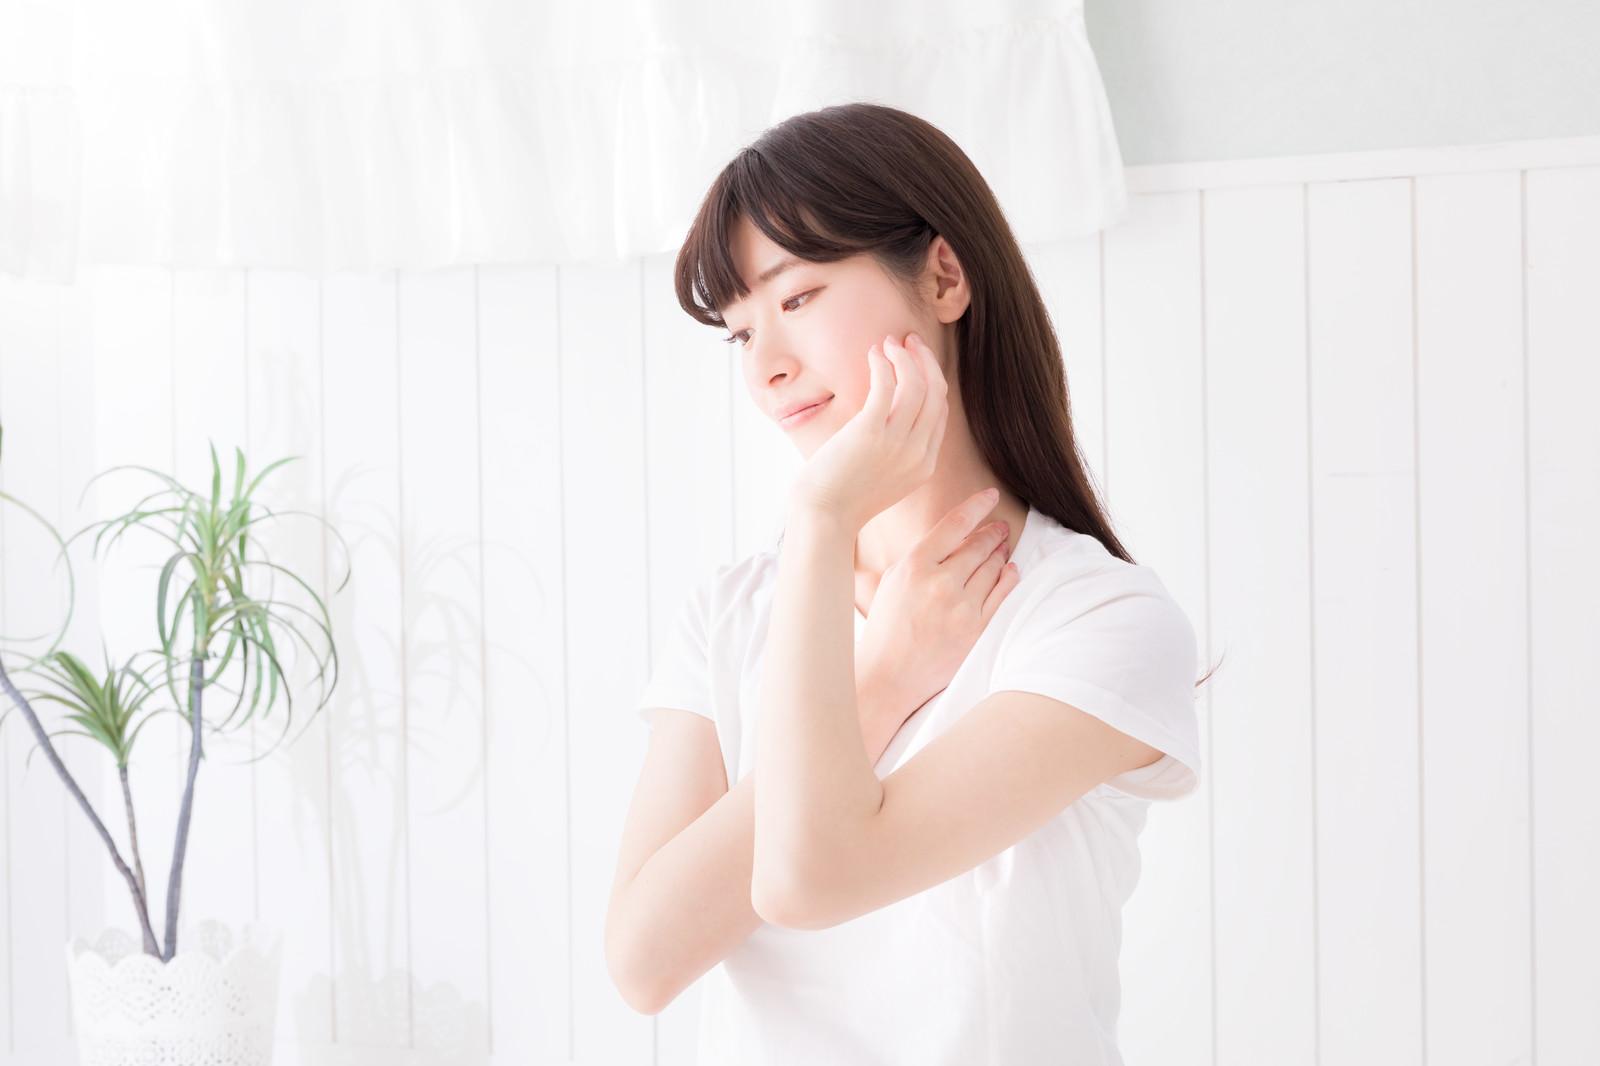 能代市 だいだい接骨院は肩こり頭痛の治療をしています。